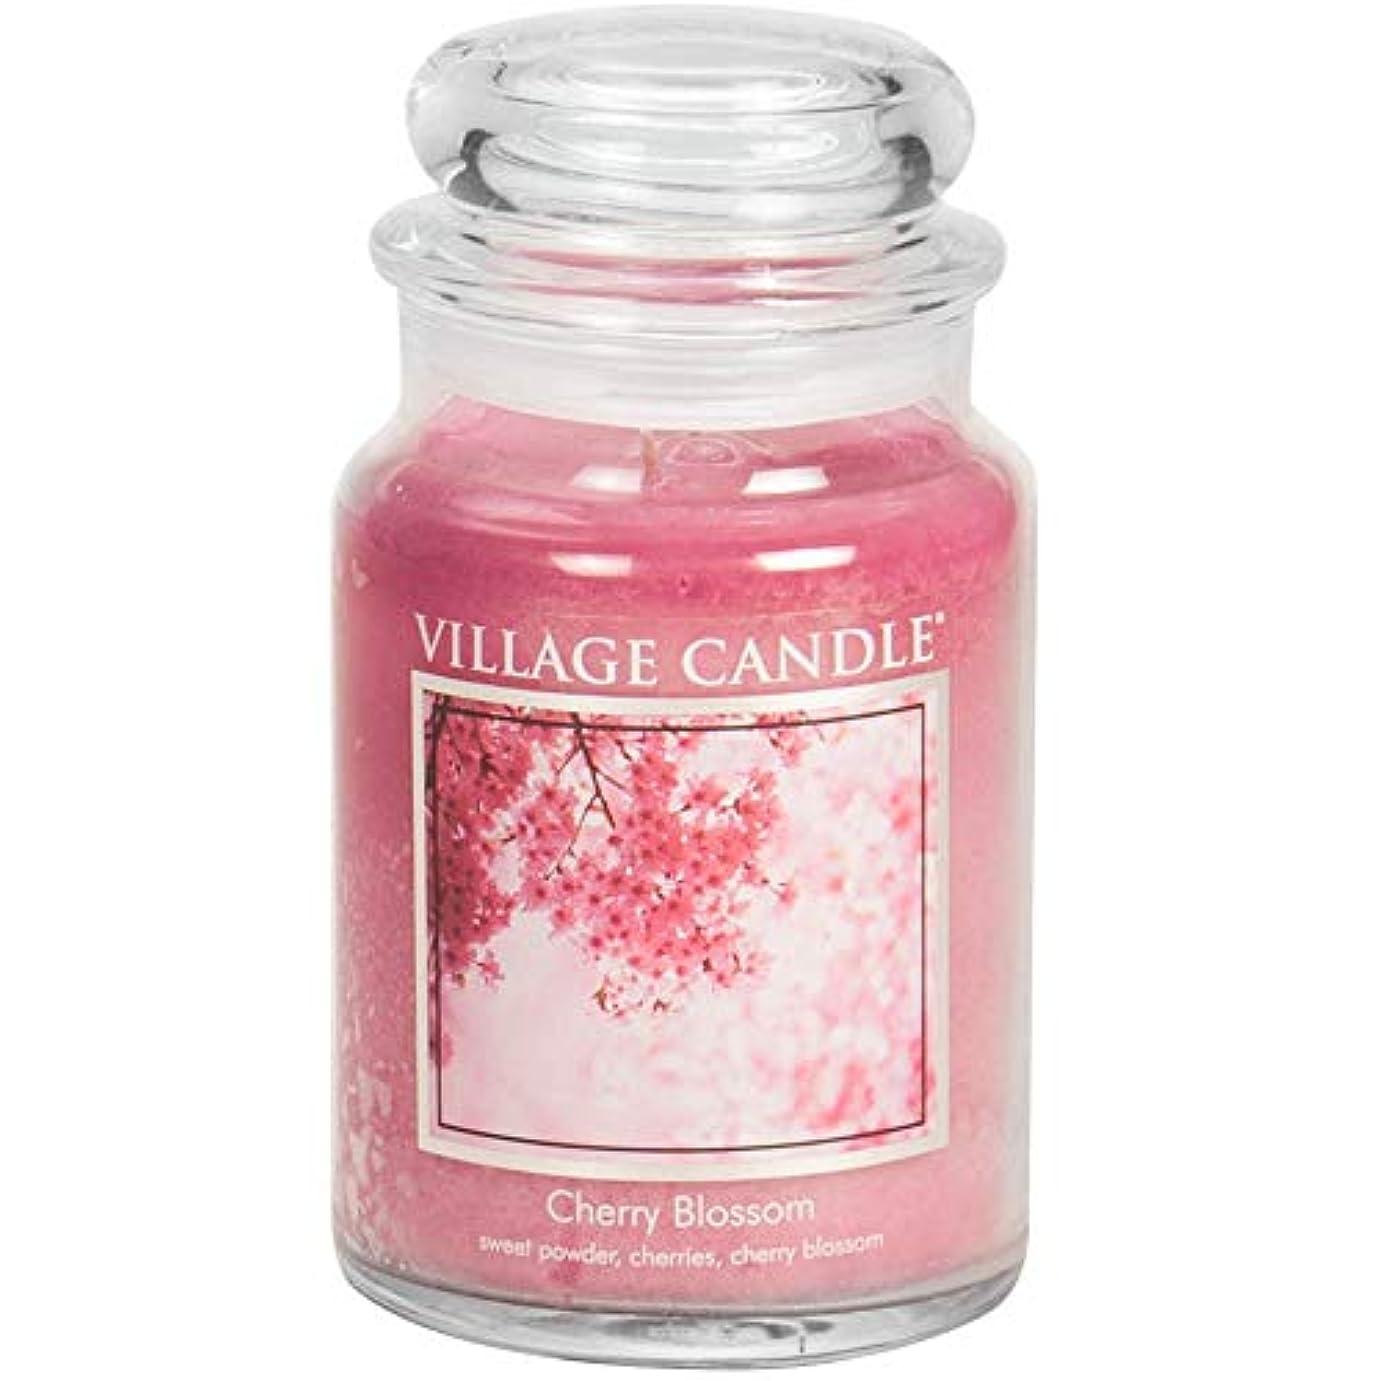 抵抗力がある腹痛戦士Village Candle Large Fragranced Candle Jar - 17cm x 10cm - 26oz (1219g)- Cherry Blossom - upto 170 hours burn...